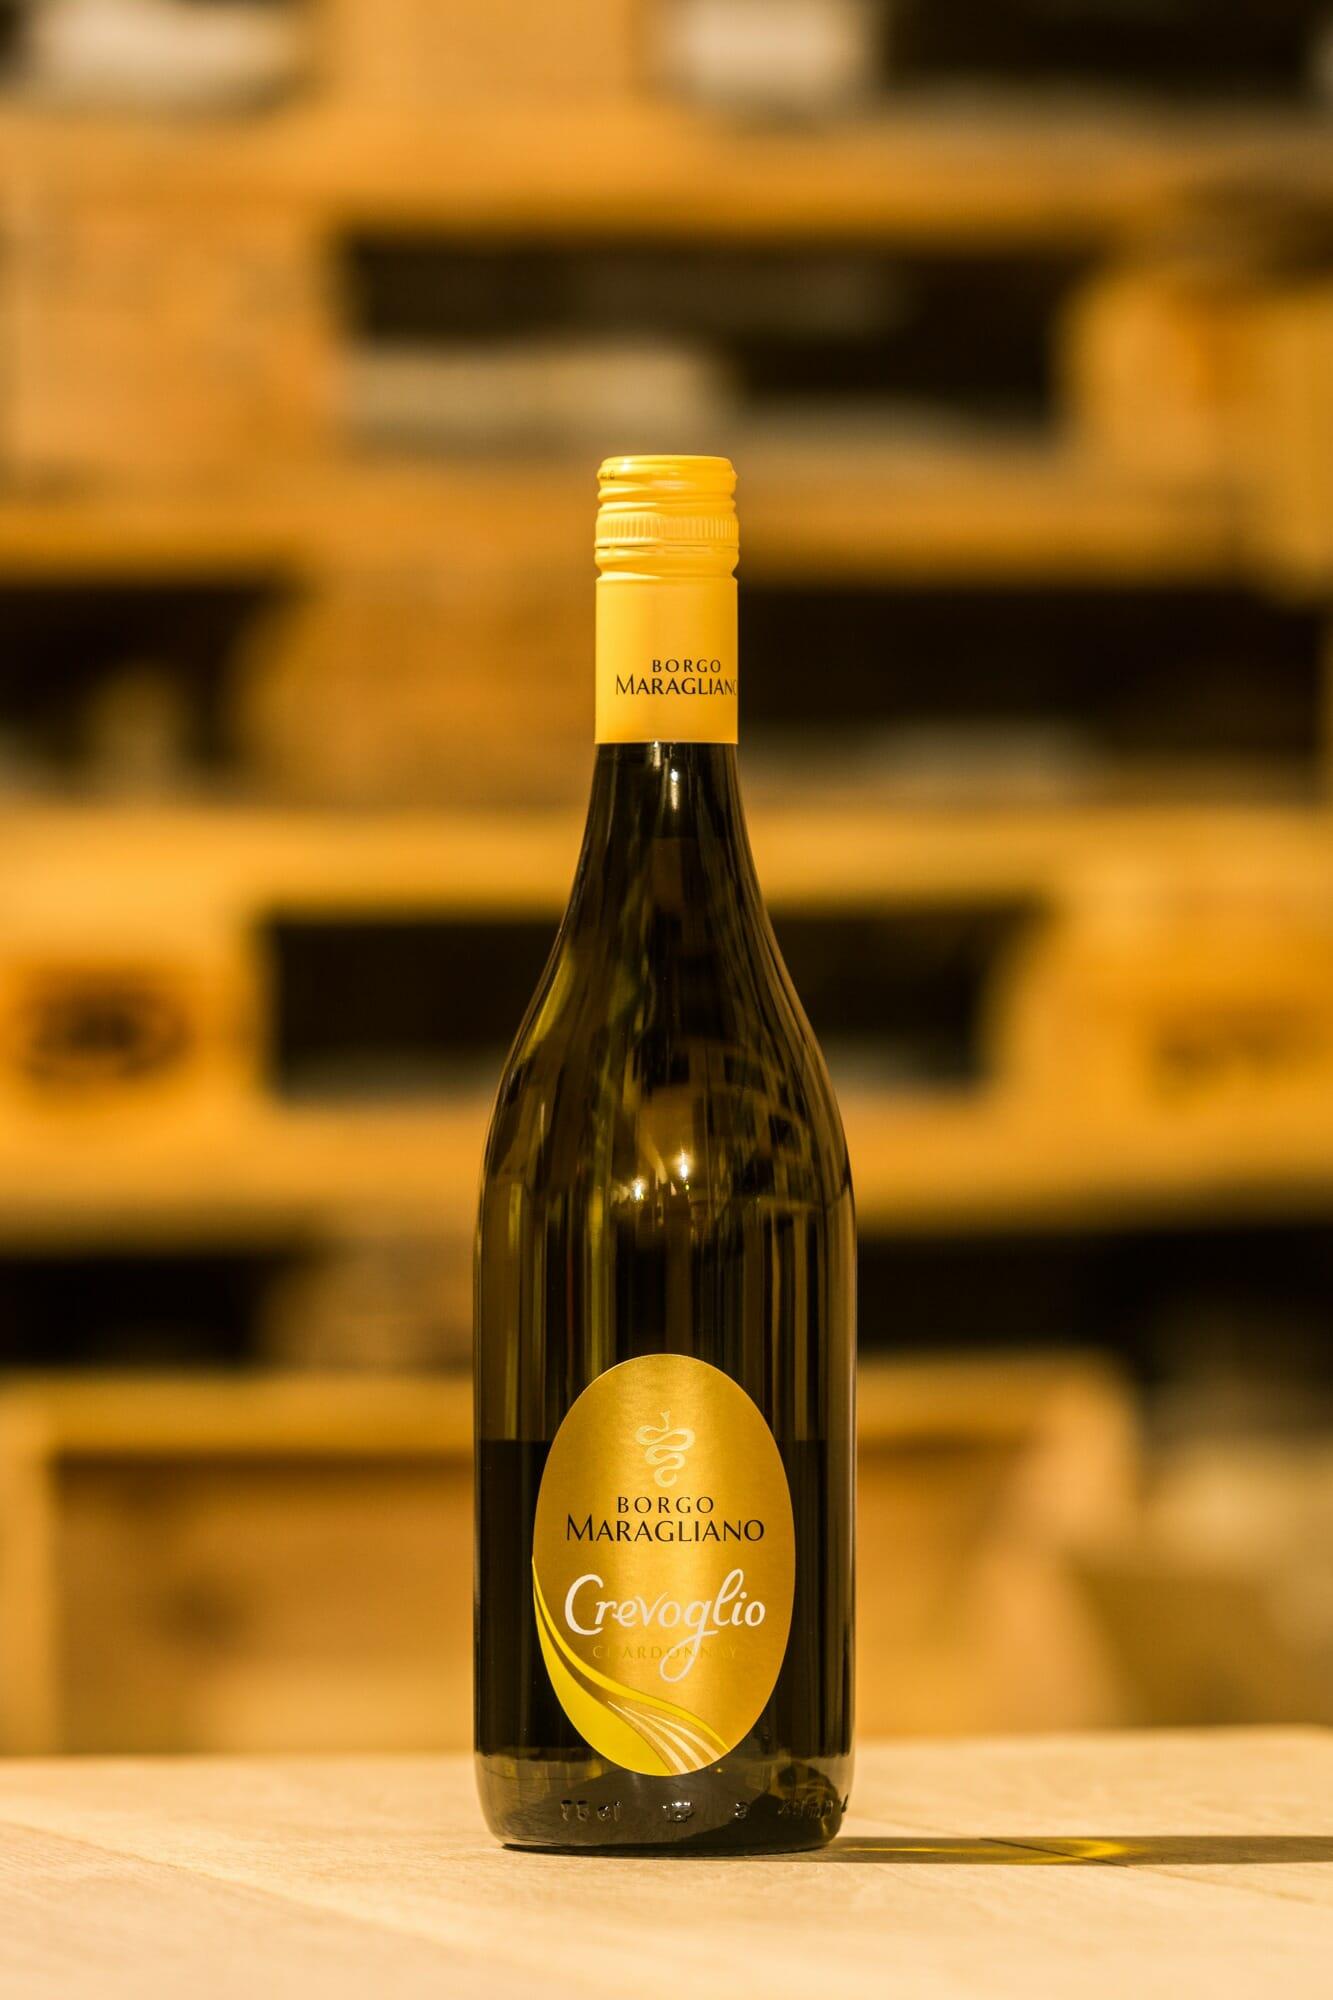 Borgo Maragliano Crevoglio Chardonnay